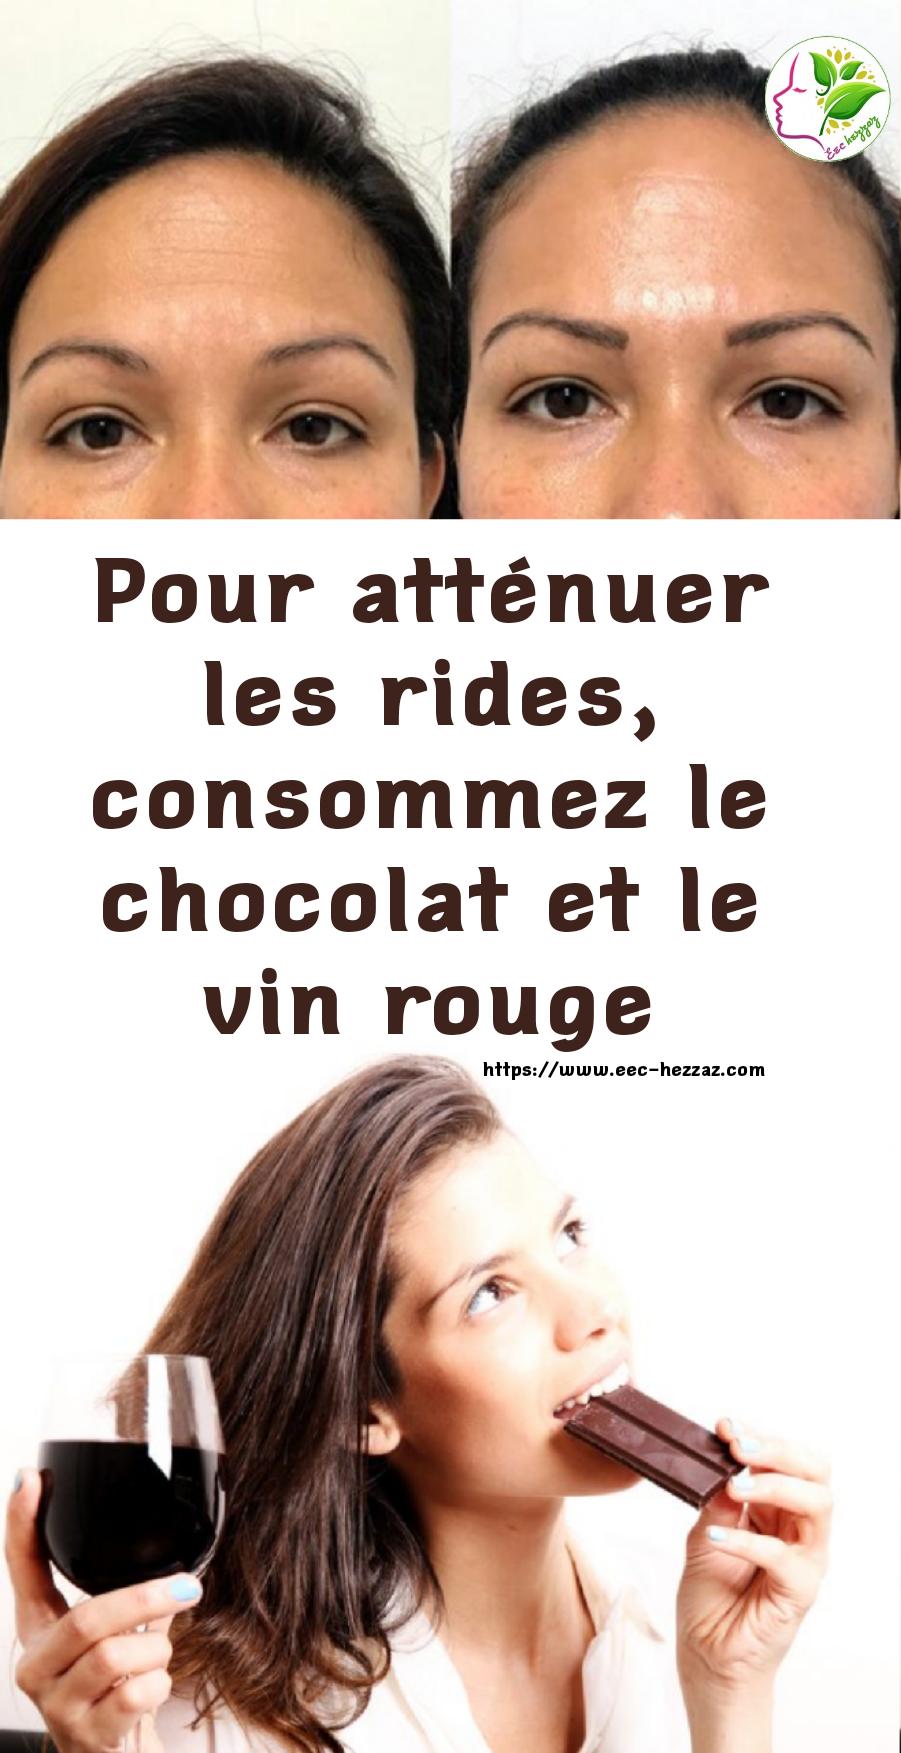 Pour atténuer les rides, consommez le chocolat et le vin rouge